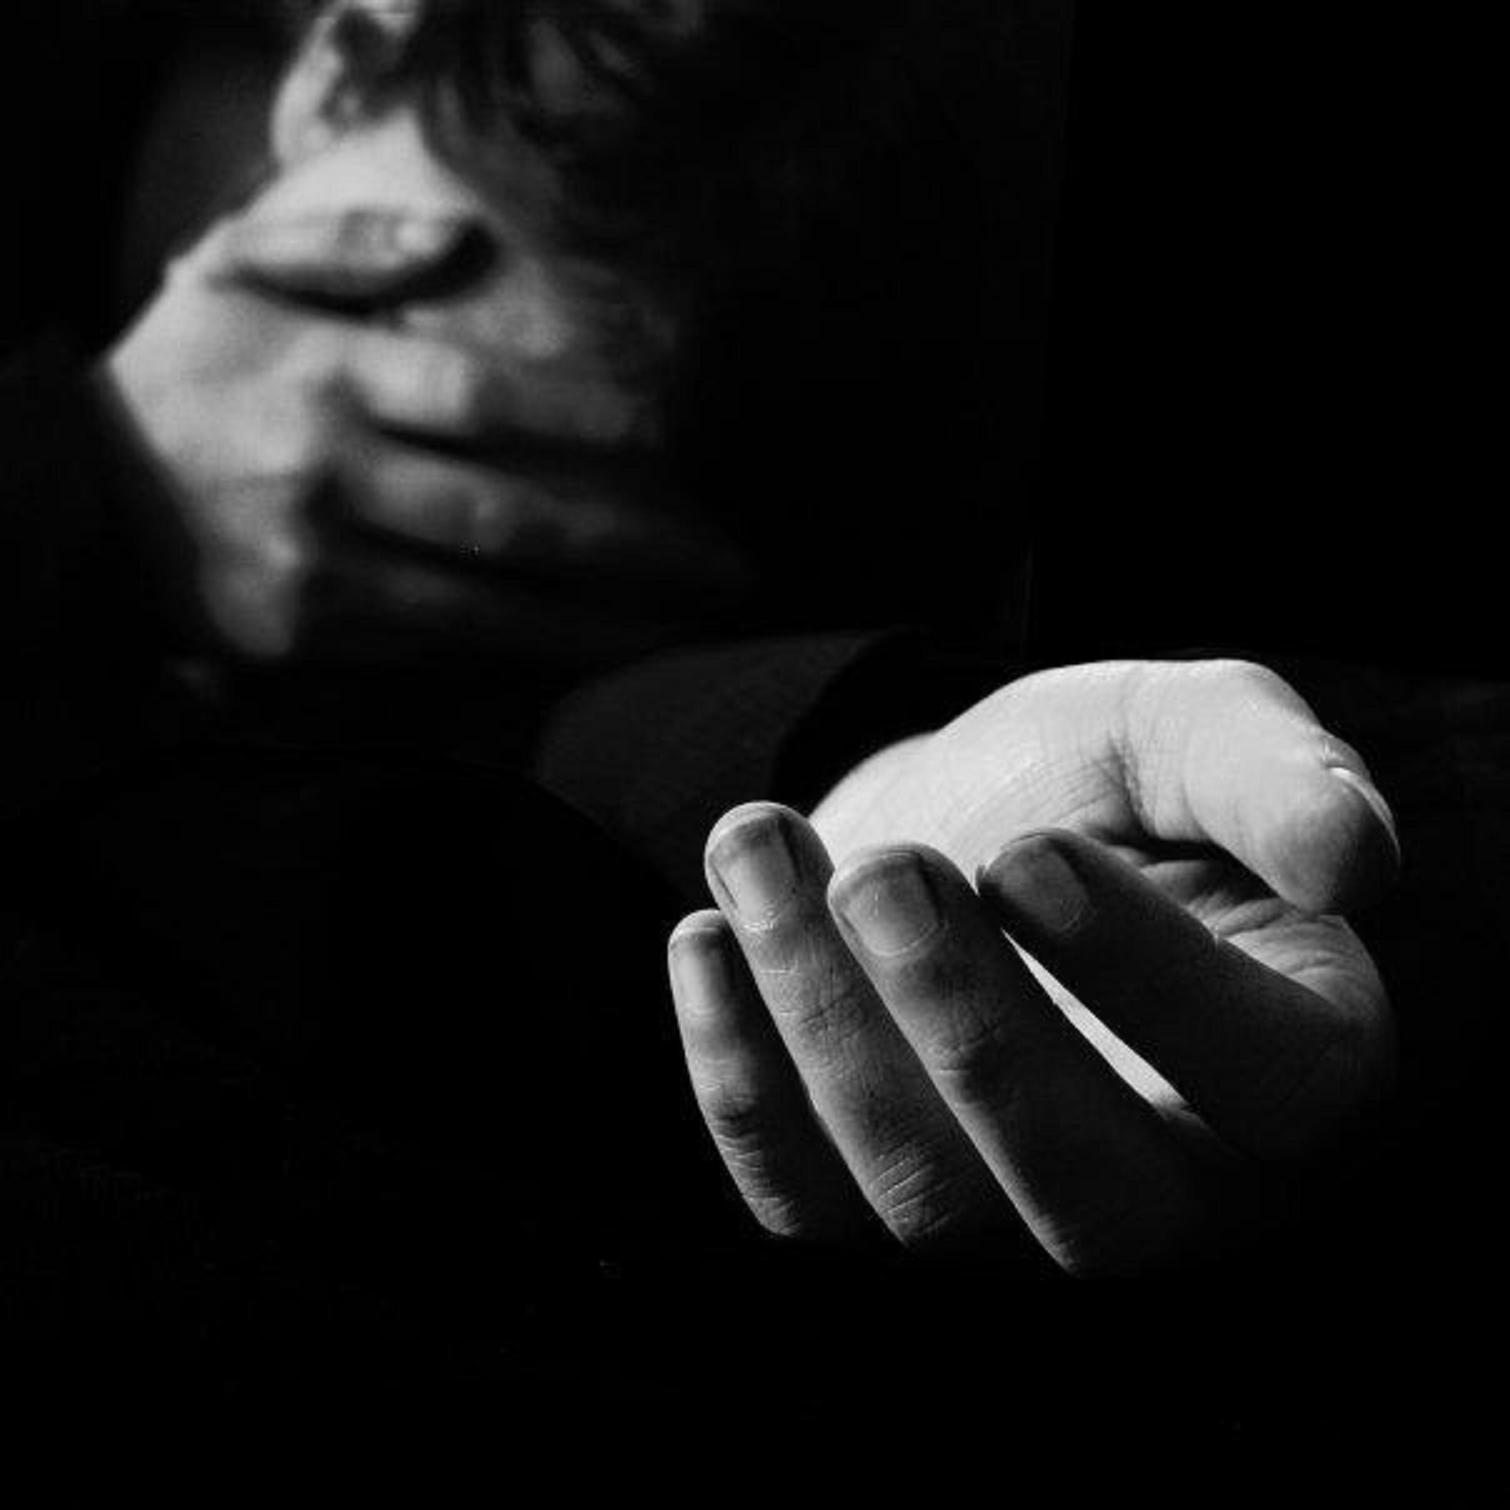 Ὅλοι ἐκείνοι ποὺ ἀπλώνουν τὸ χέρι...